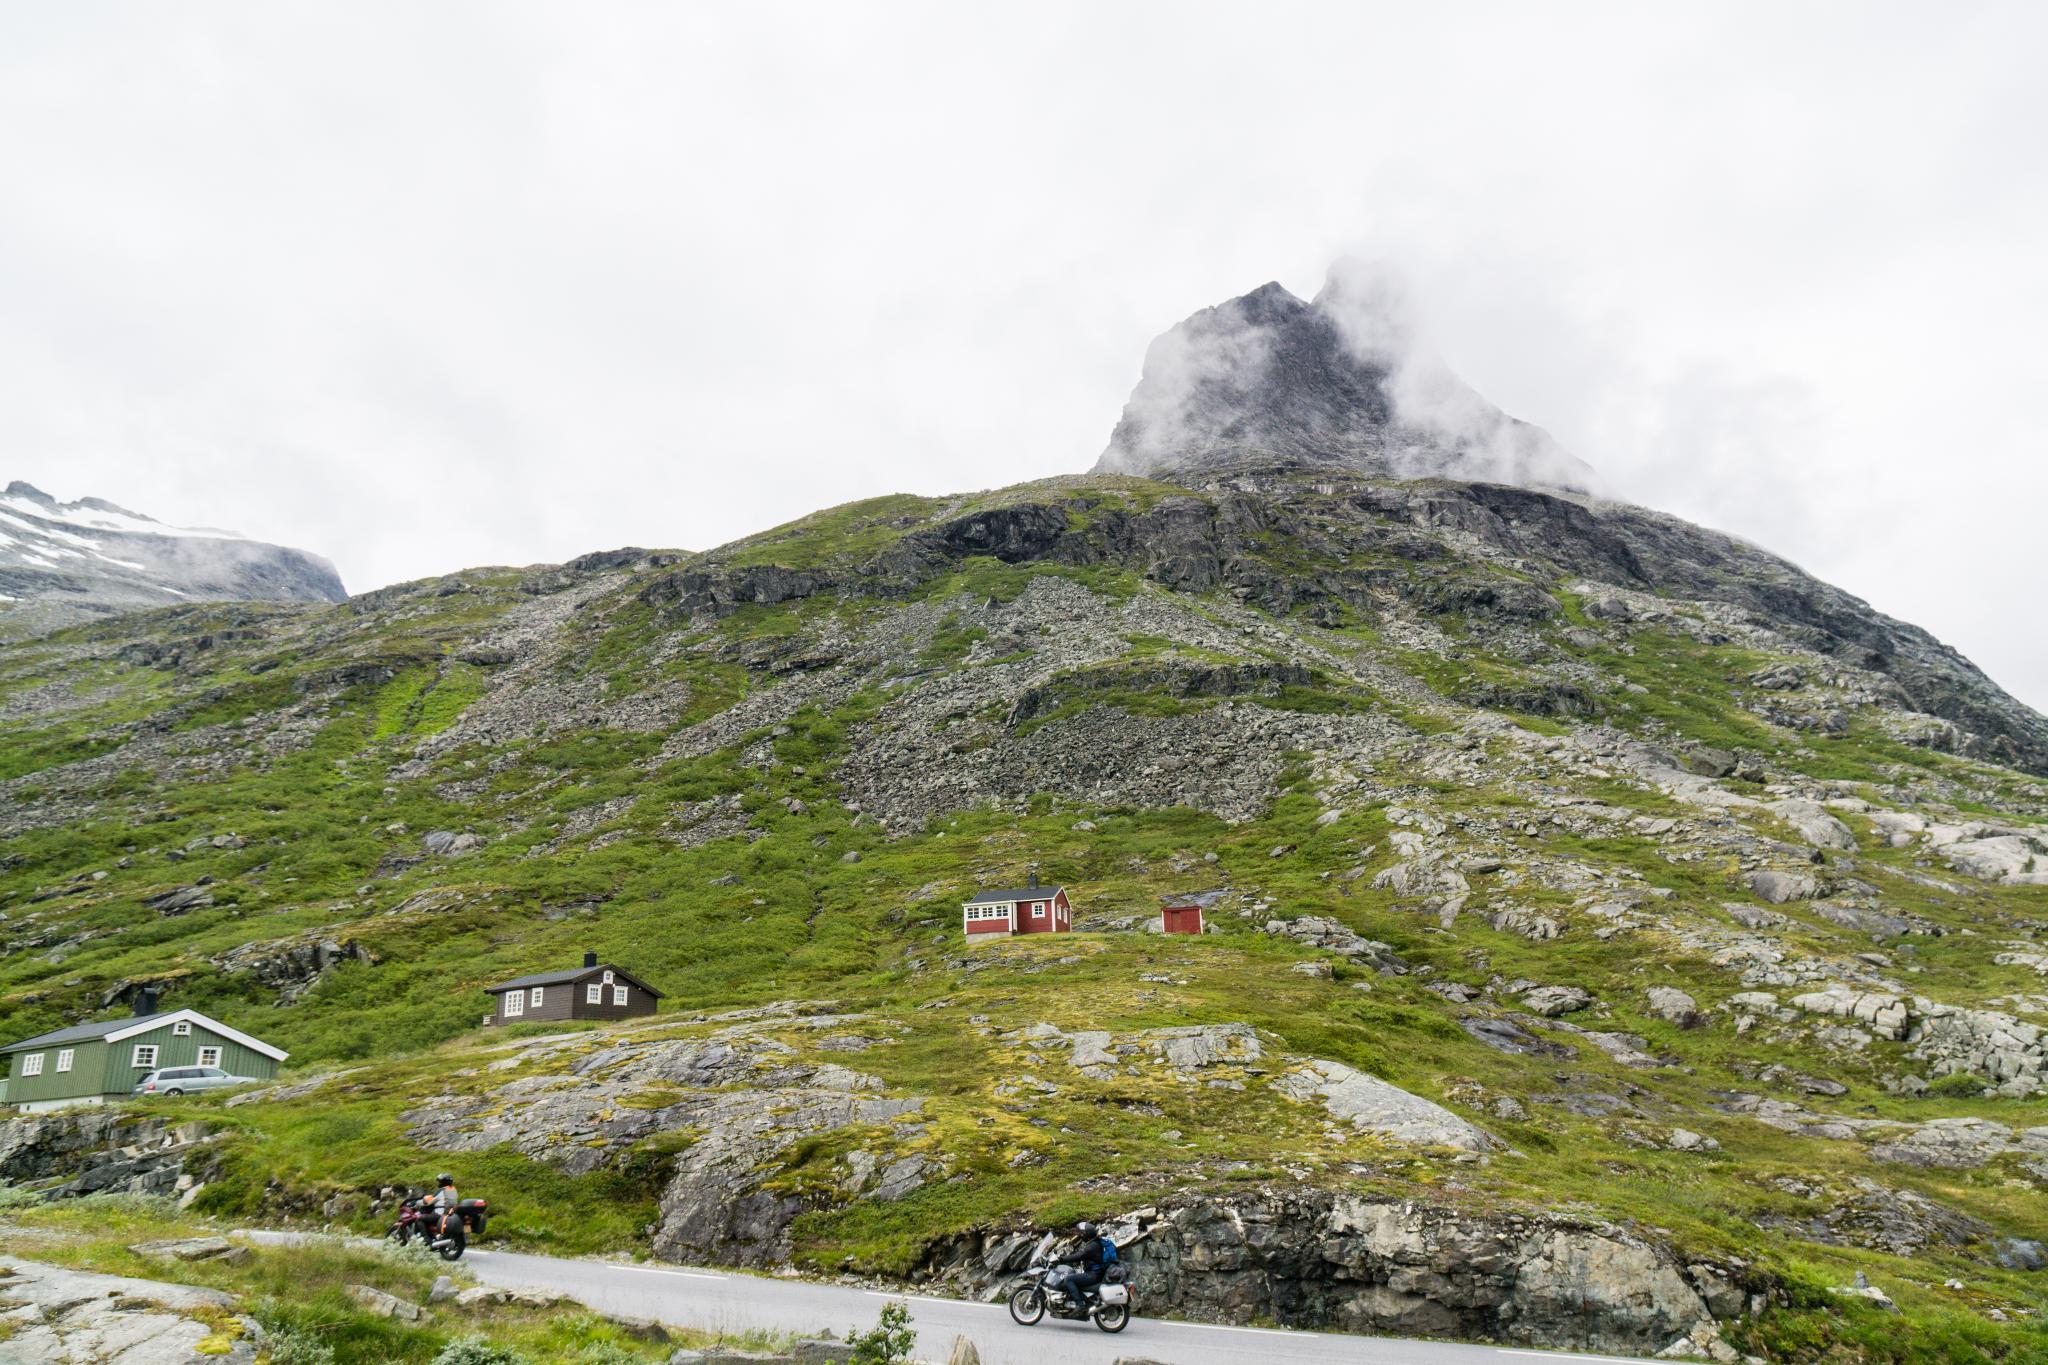 【北歐景點】Trollstigen 精靈之路 ∣ 挪威最驚險的世界級景觀公路 8